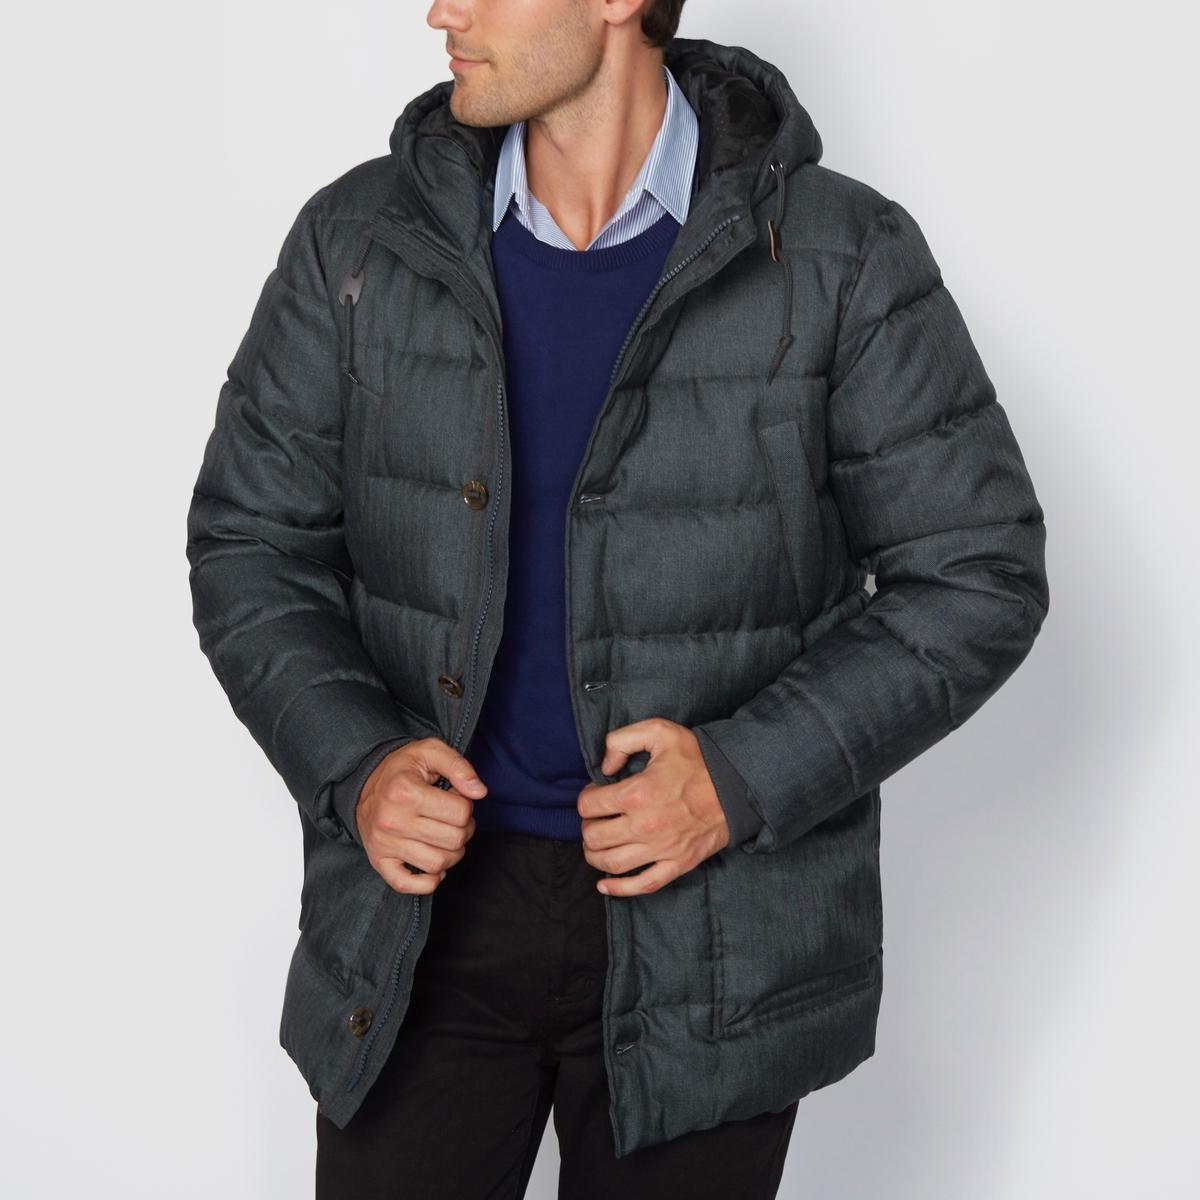 Куртка стёганая с капюшономМатериал : 100% полиэстера.Застежка на молнию.Карманы по бокам.<br><br>Цвет: серый